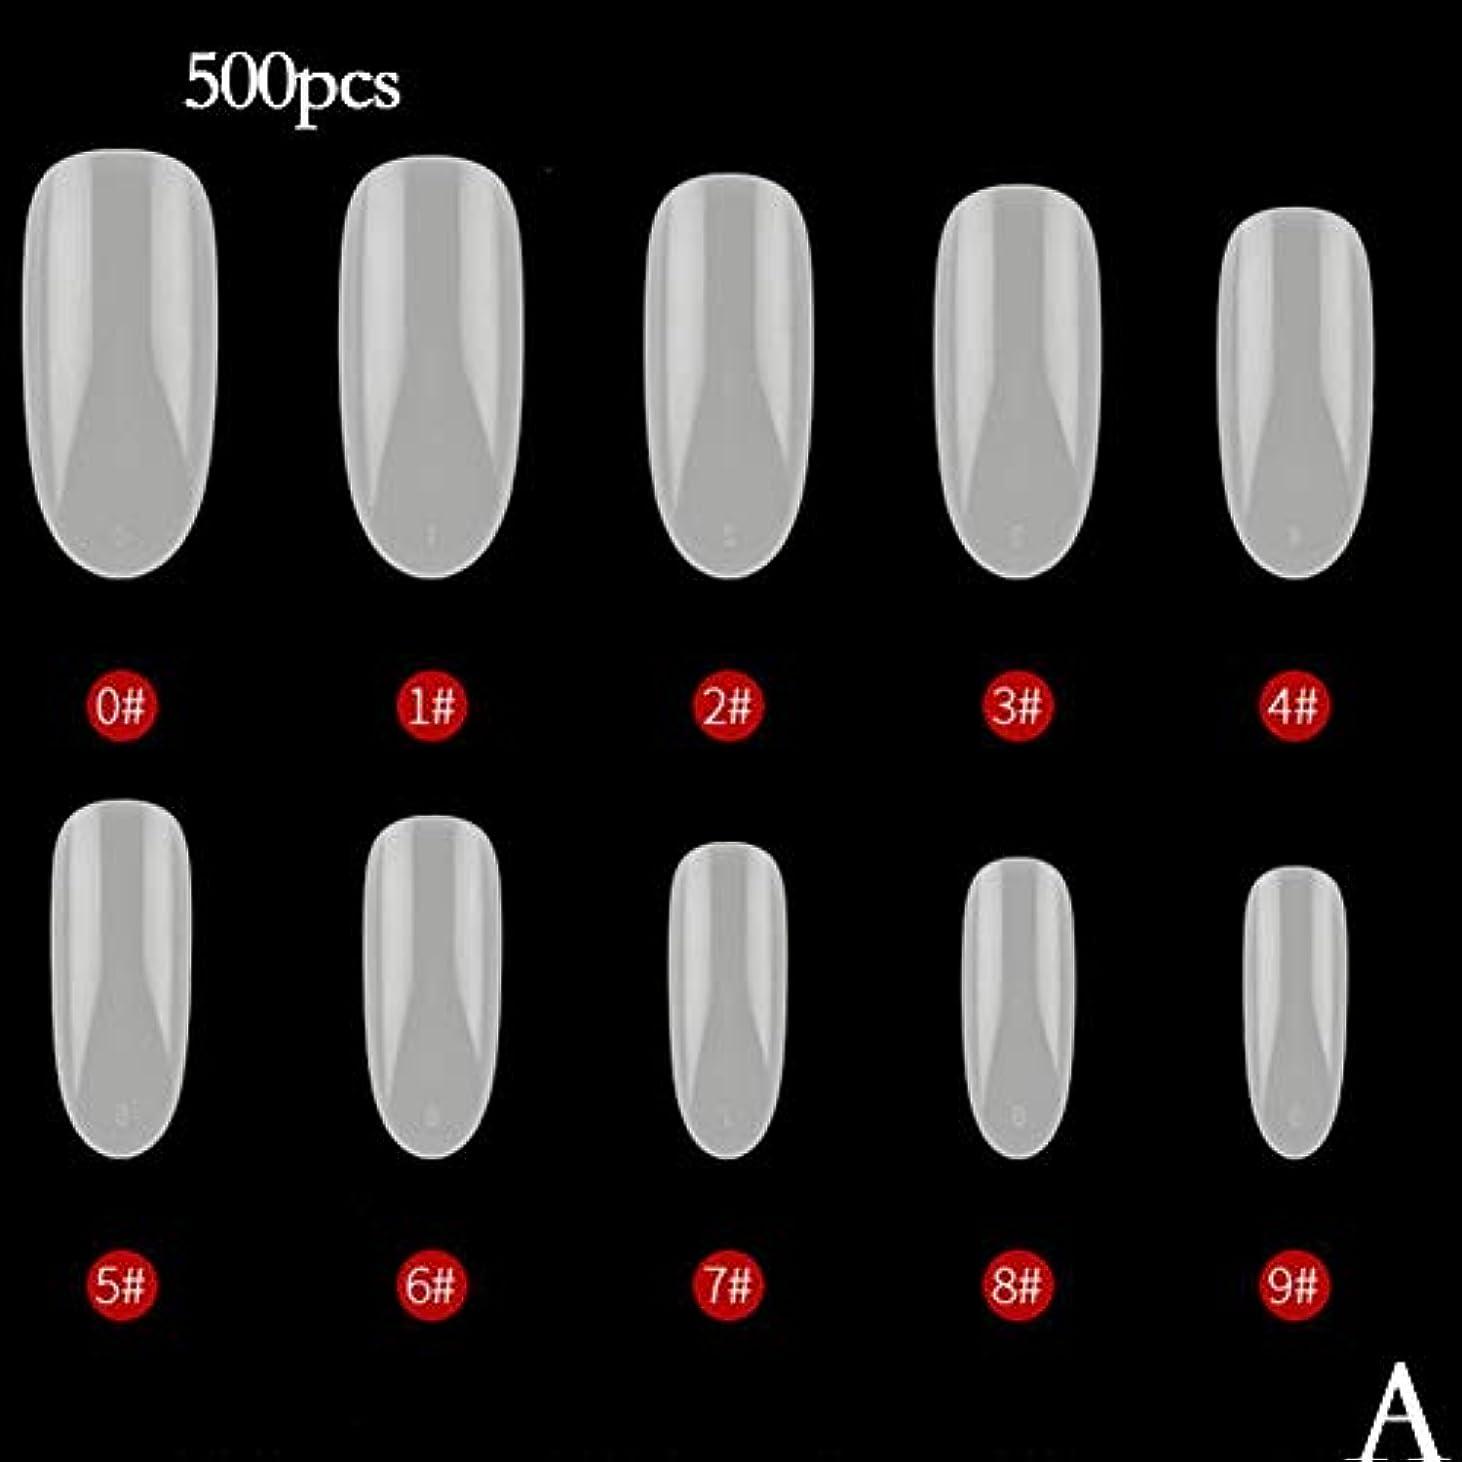 カーペット細い守るBETTER YOU (ベター ュー) ネイルチップ、ナチュラルカラー、透明色、接着しやすい、剥がれない、ネイルテープ、2色 (A ナチュラル)